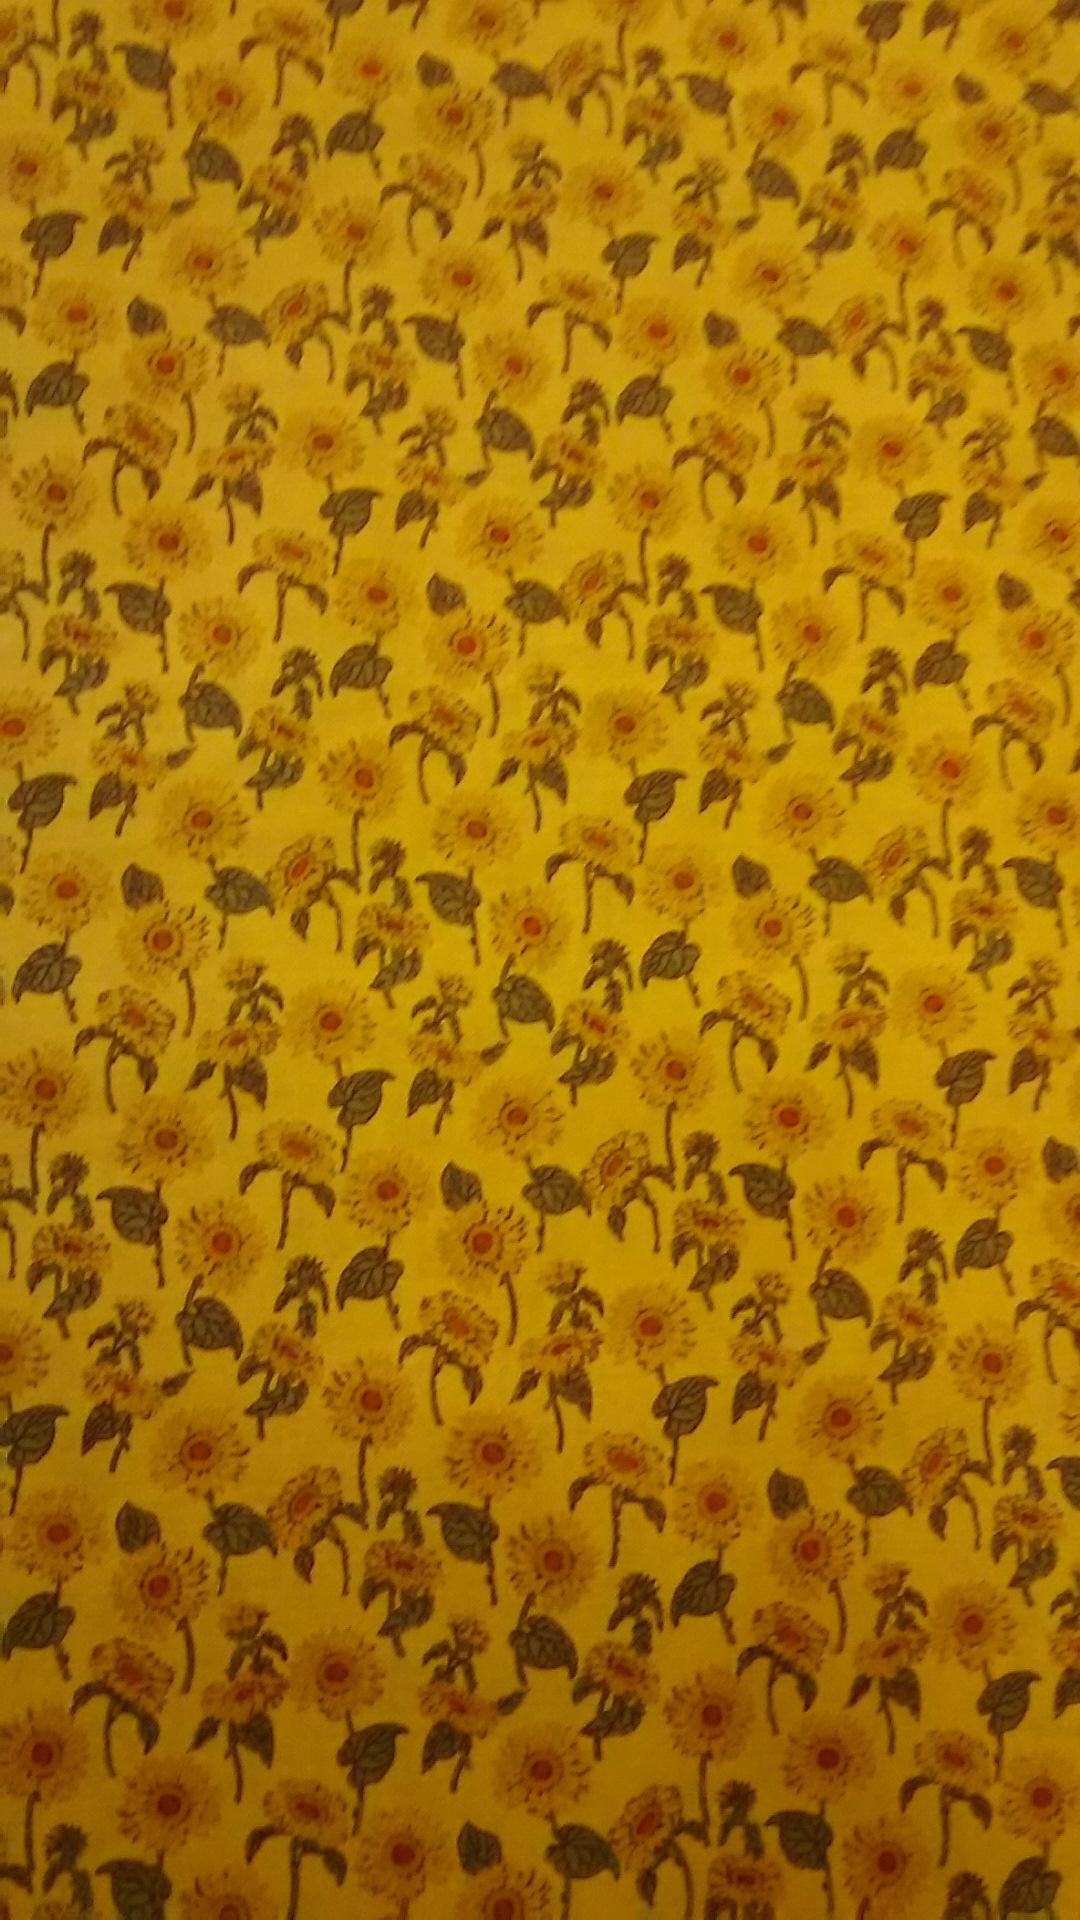 黄色地ヒマワリ柄の布地